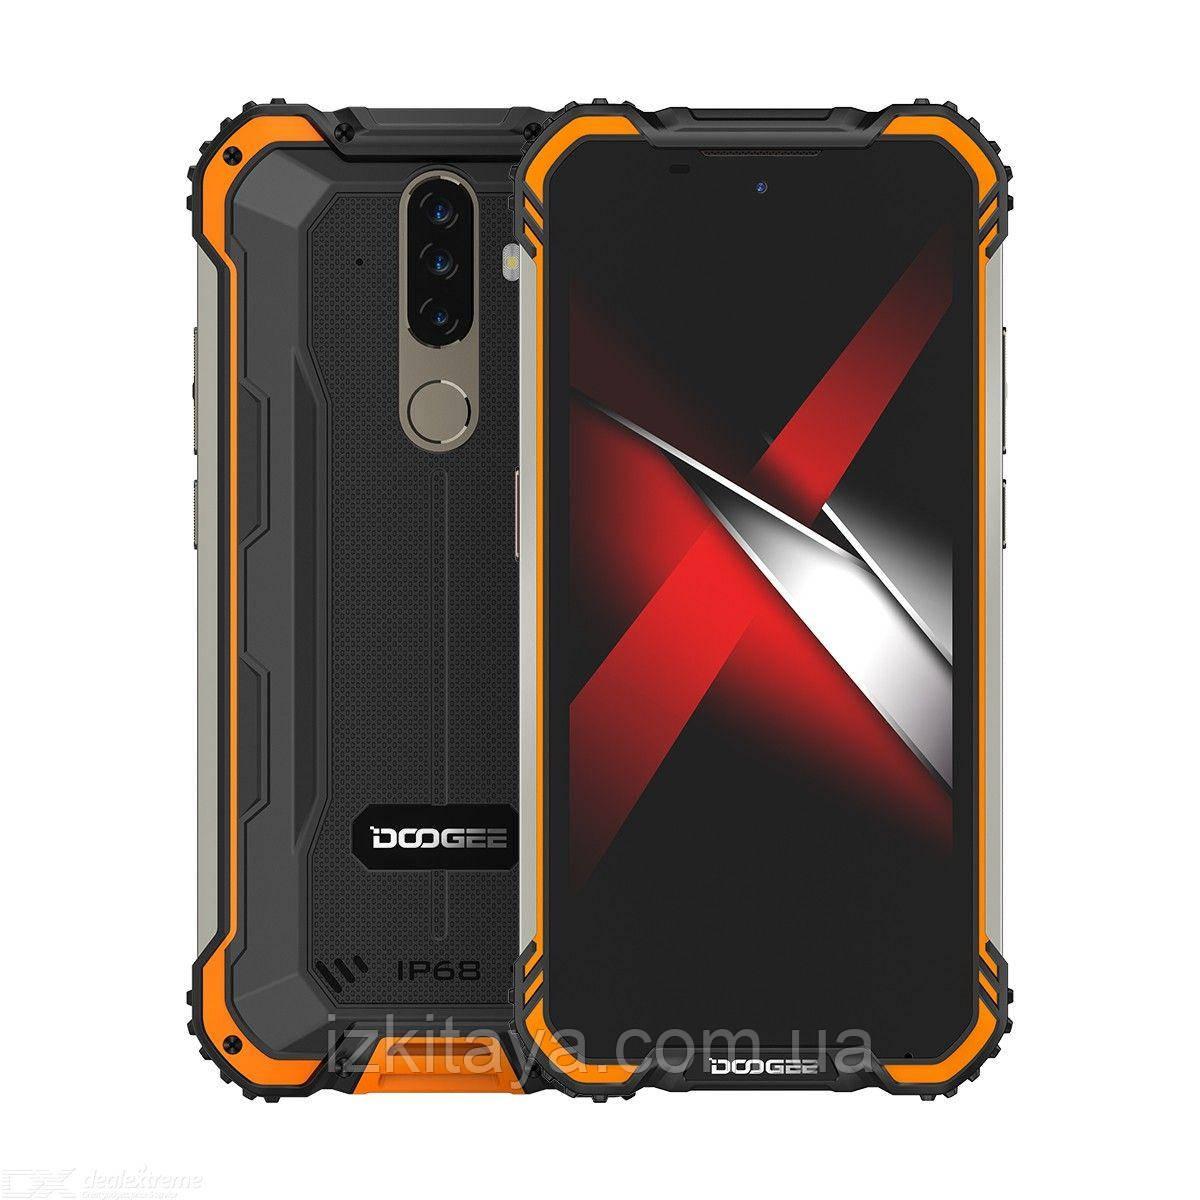 Смартфон Doogee S58 Pro orange 6/64 Гб уровень защиты IP69K